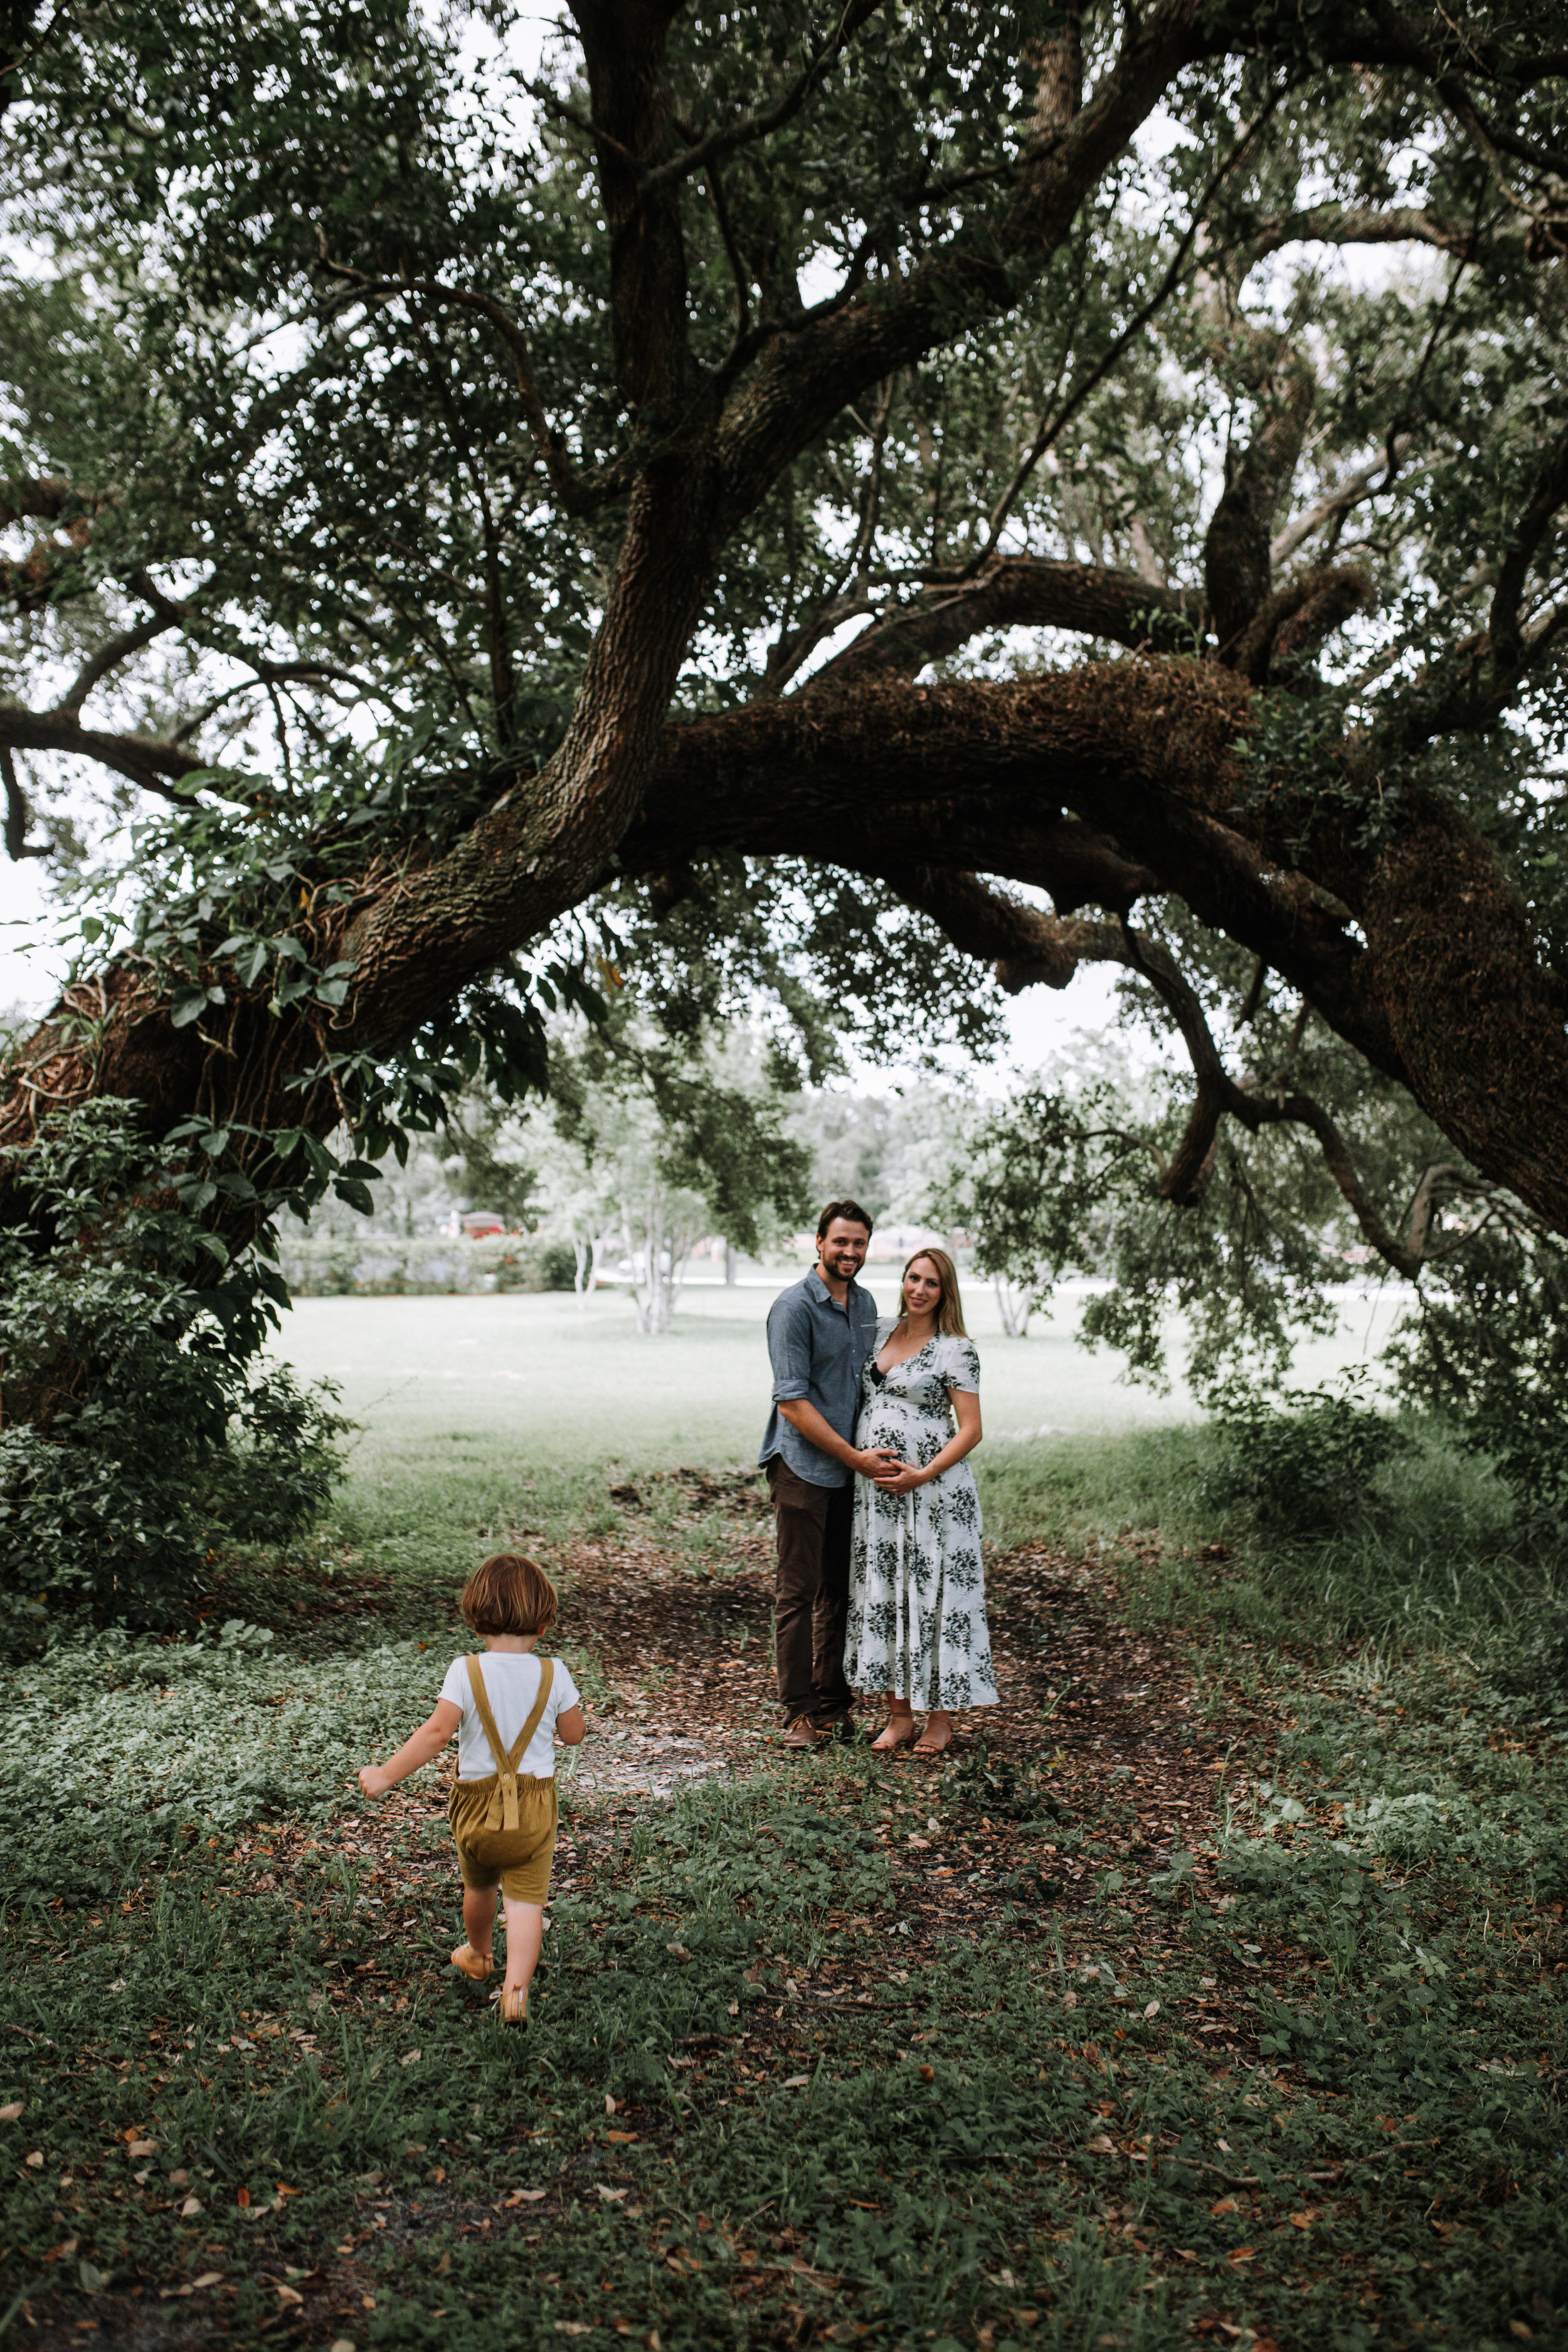 Broward County Family Photos